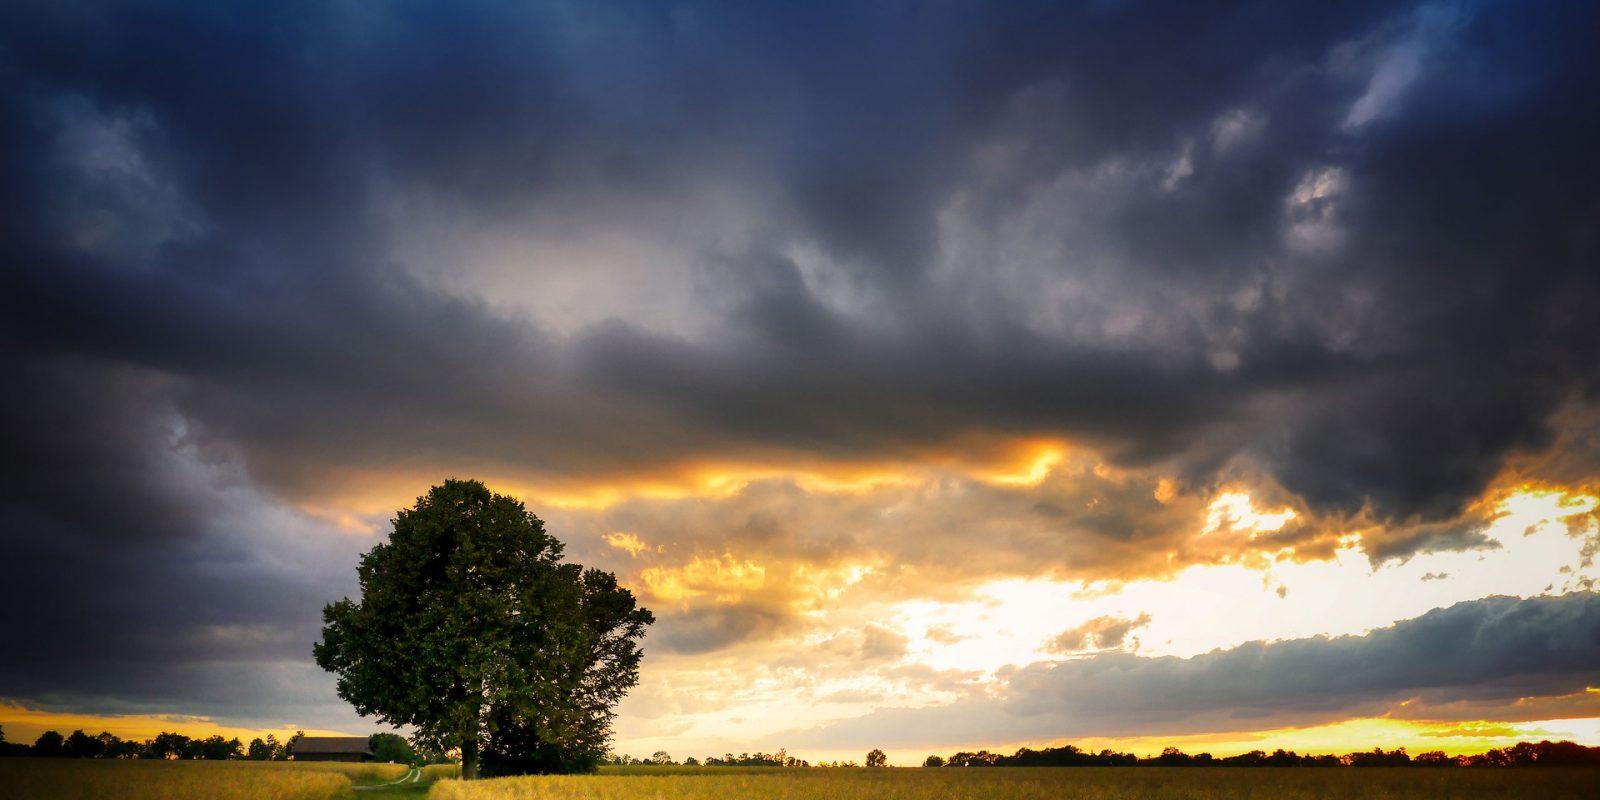 thunderstorm-5096280_1920 - Albrecht Fietz de Pixabay